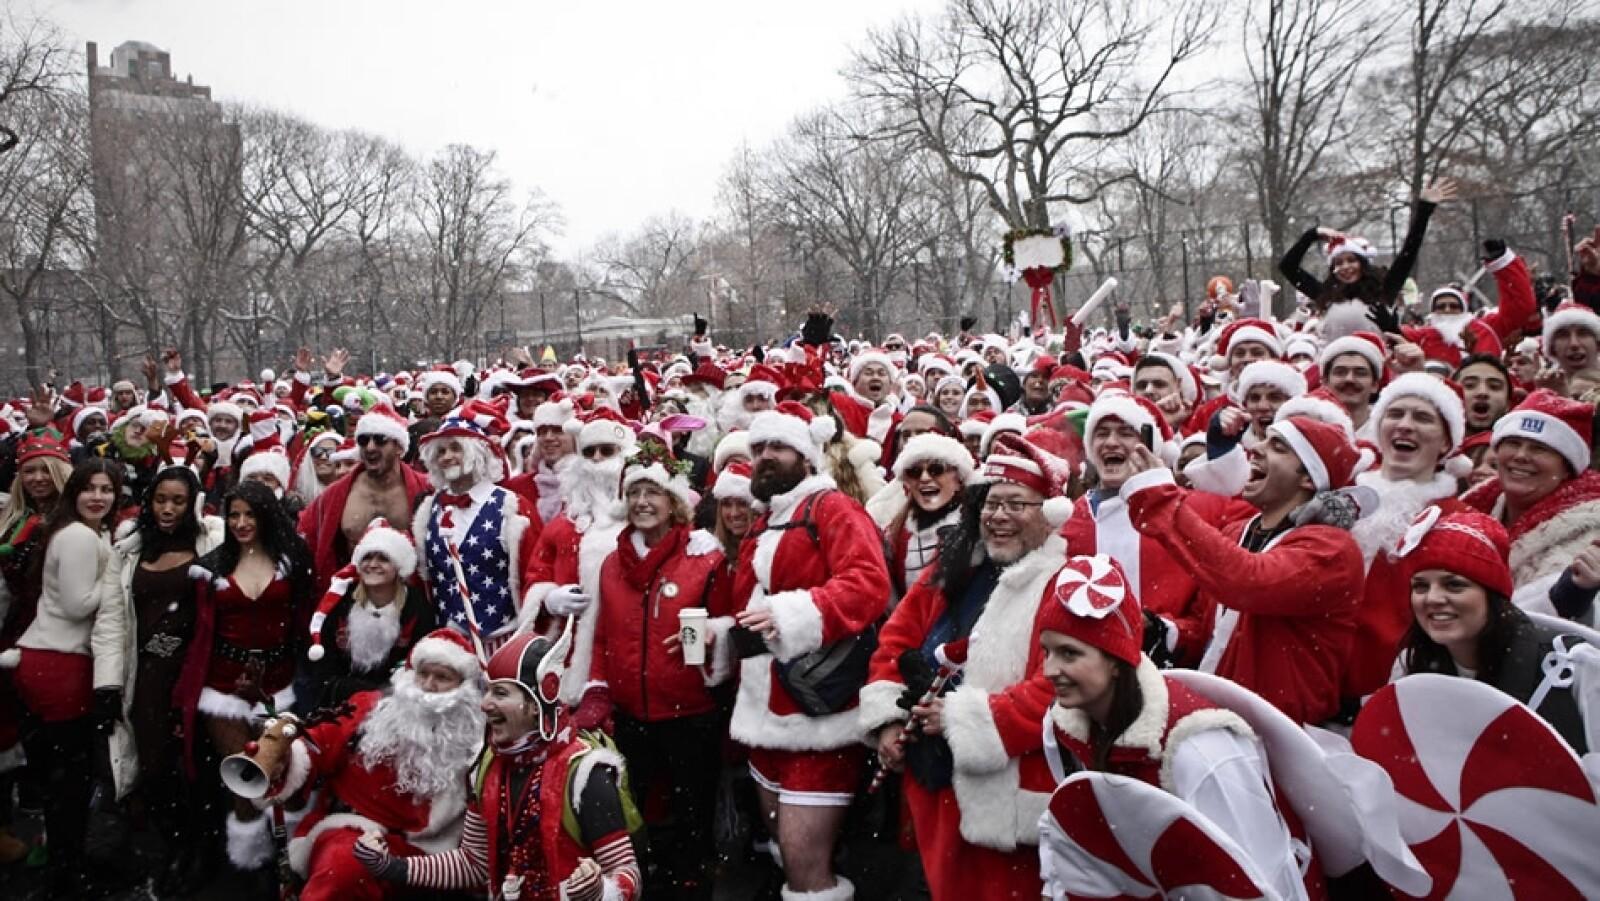 conglomeración de Santas en Nueva York